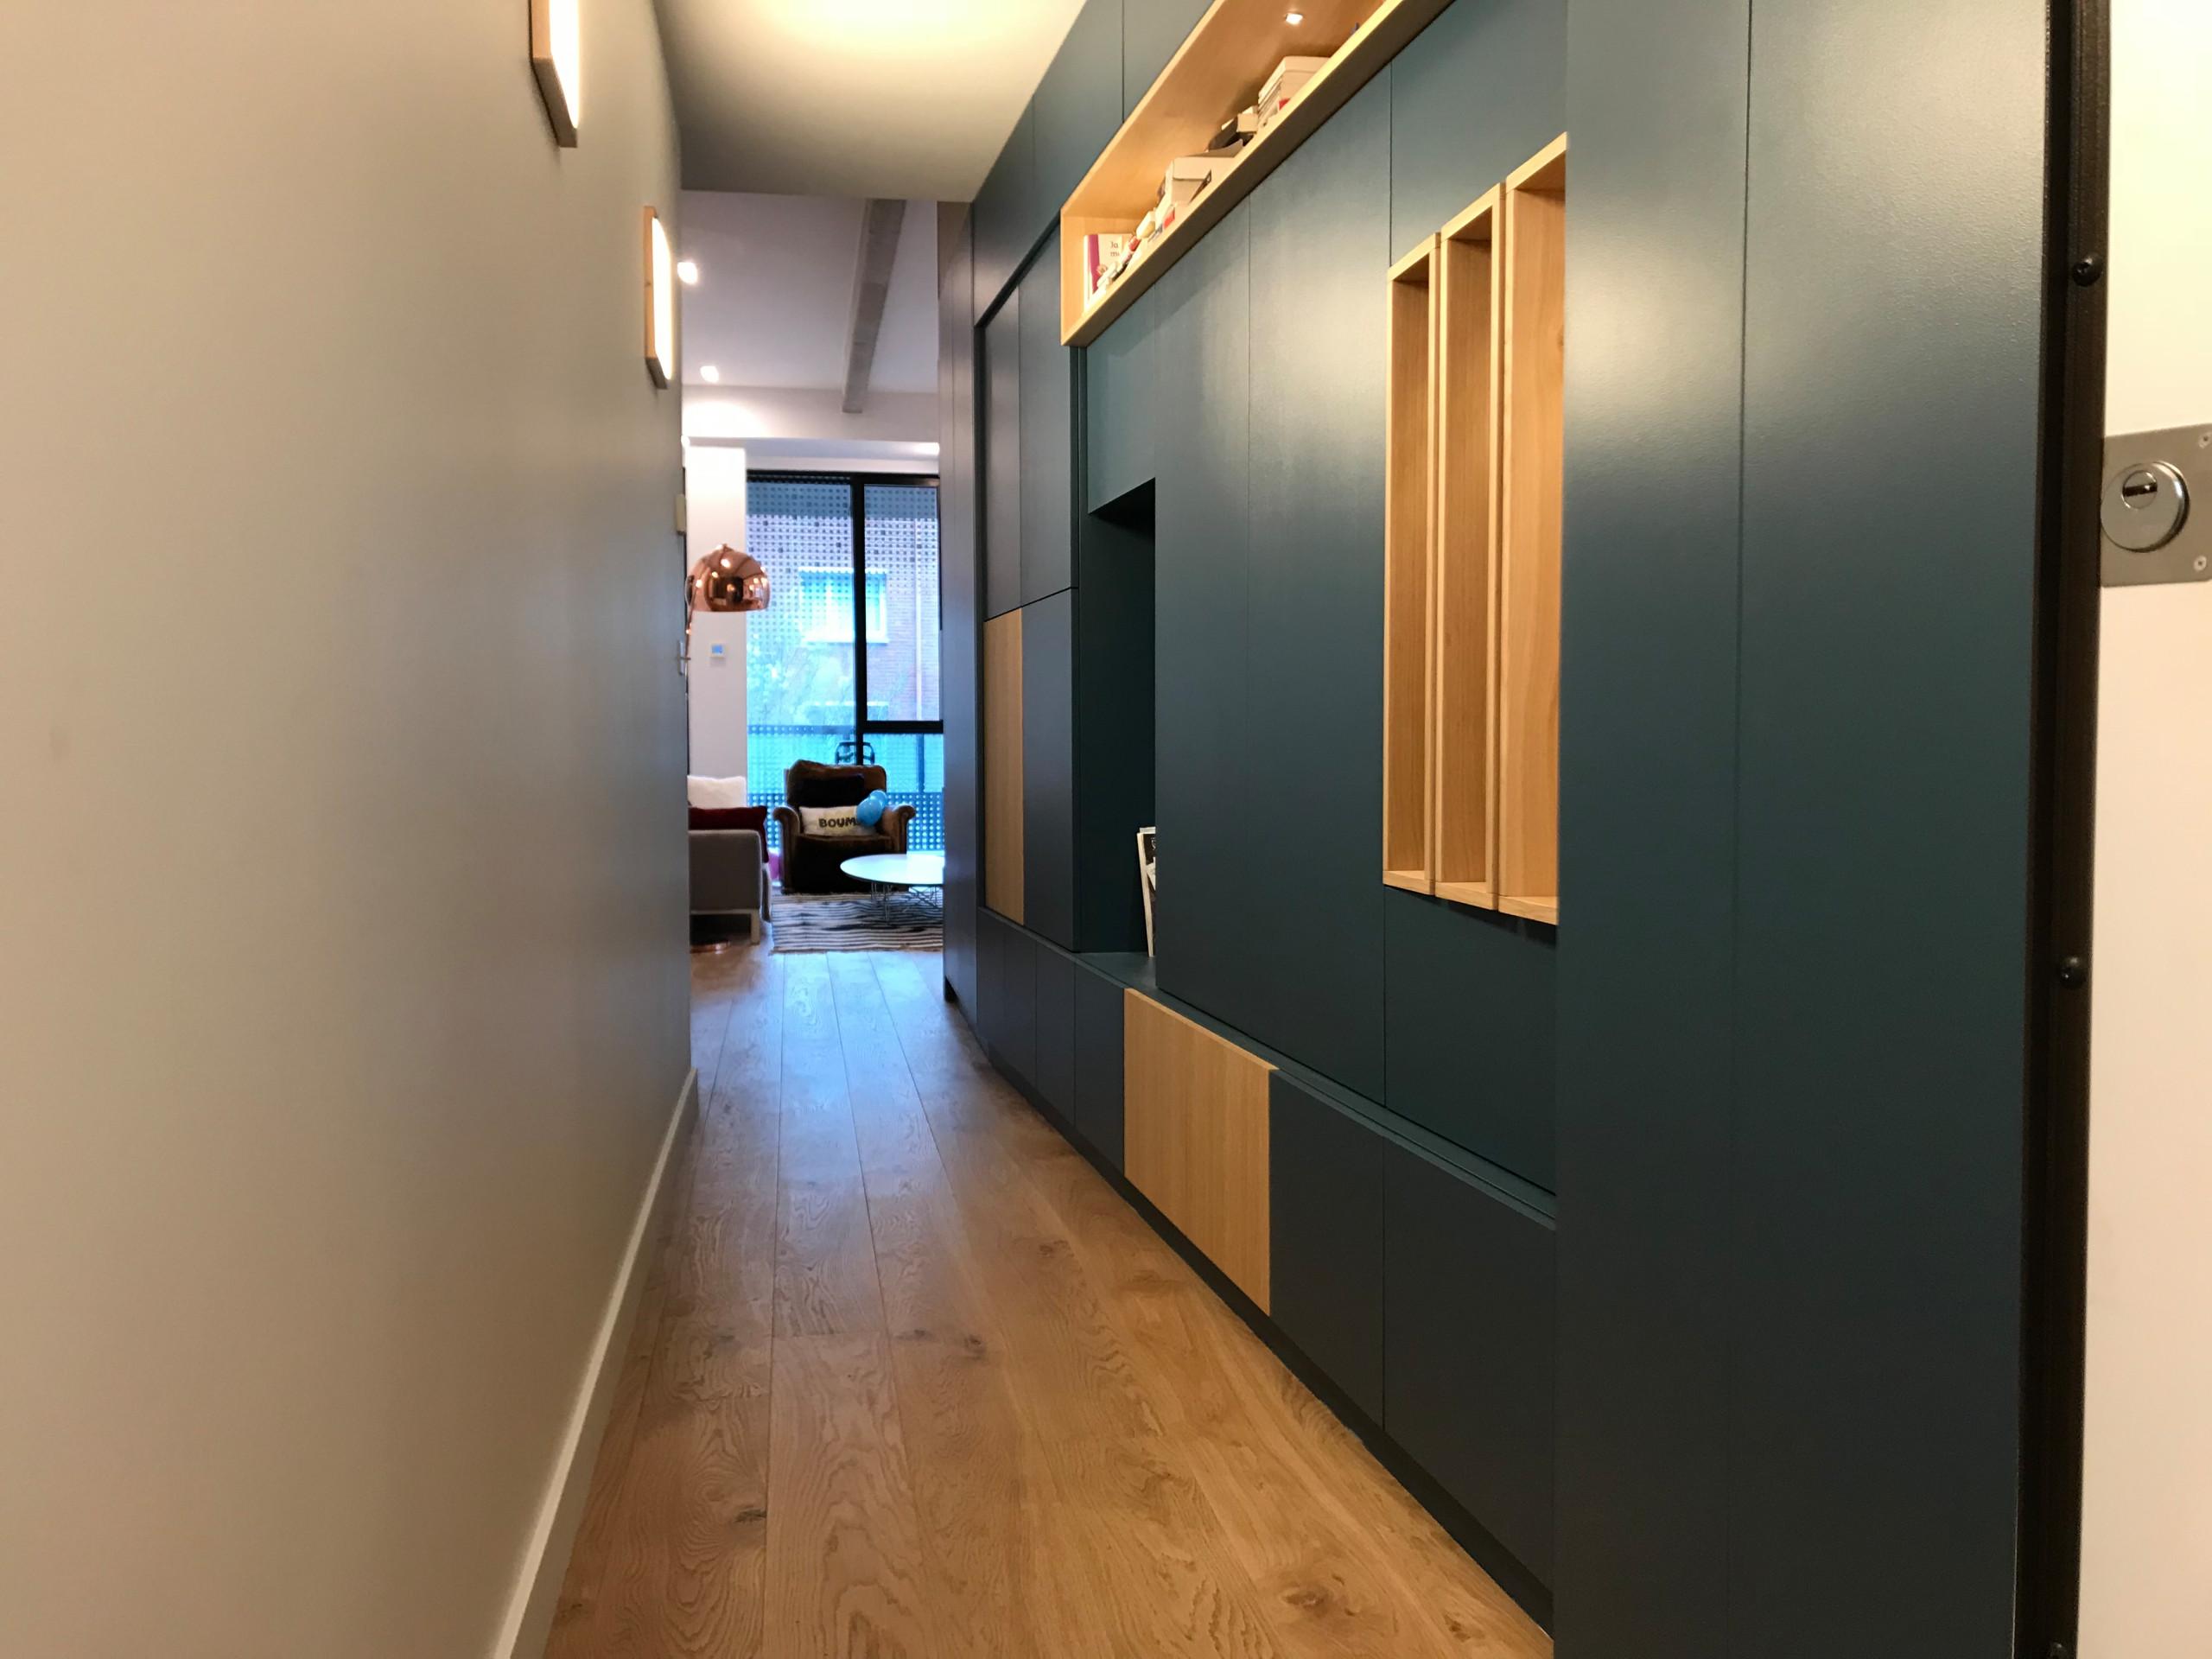 Rénovation totale et agencement d'un appartement - 110m2